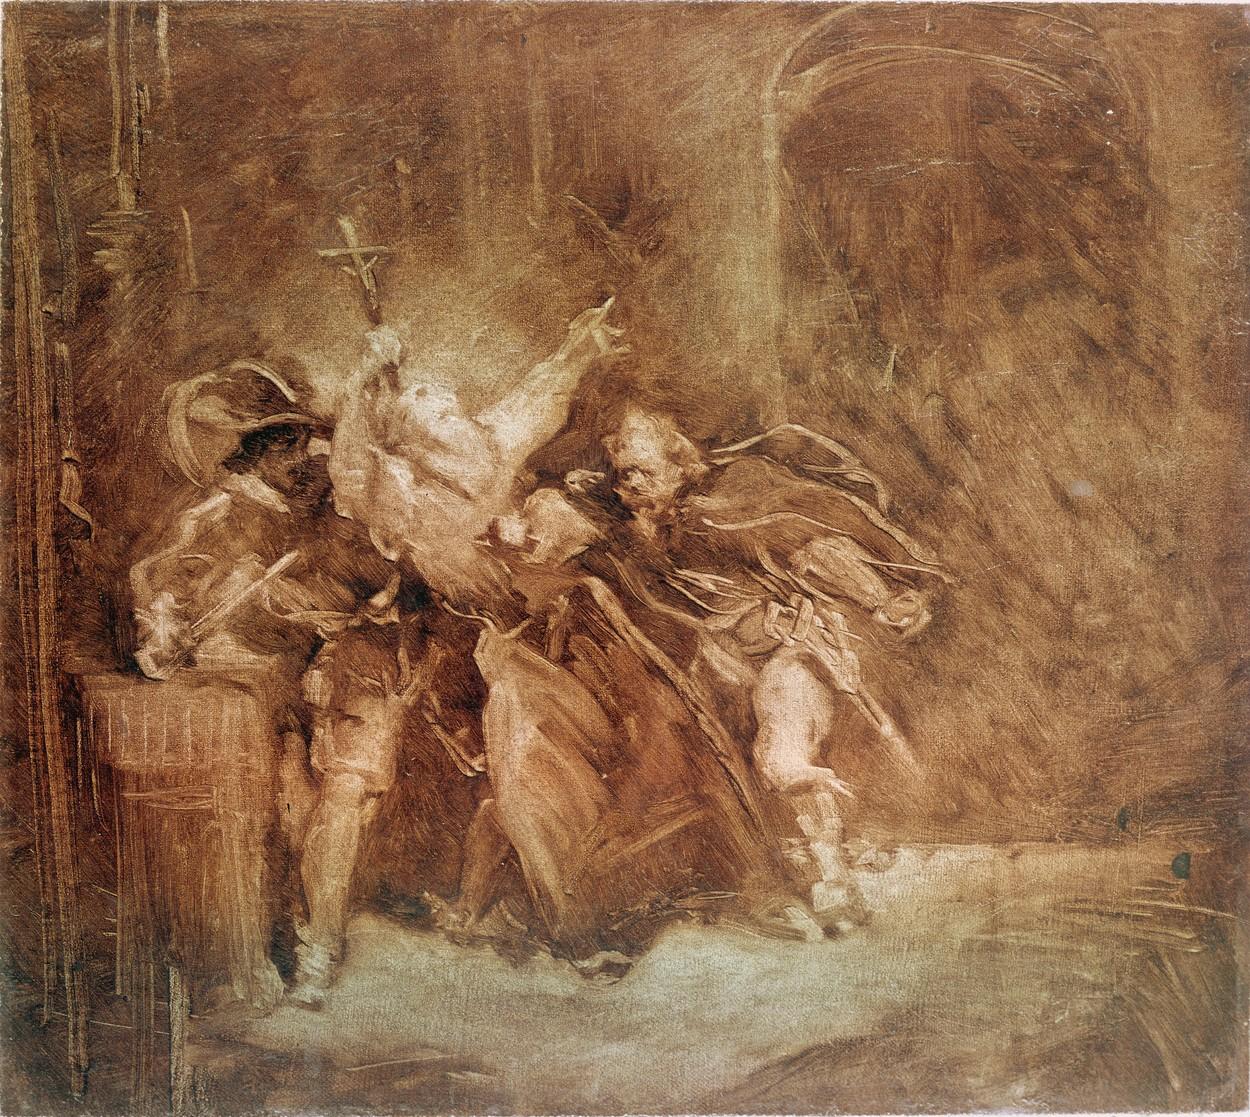 Ubojstvo Thomasa Becketa